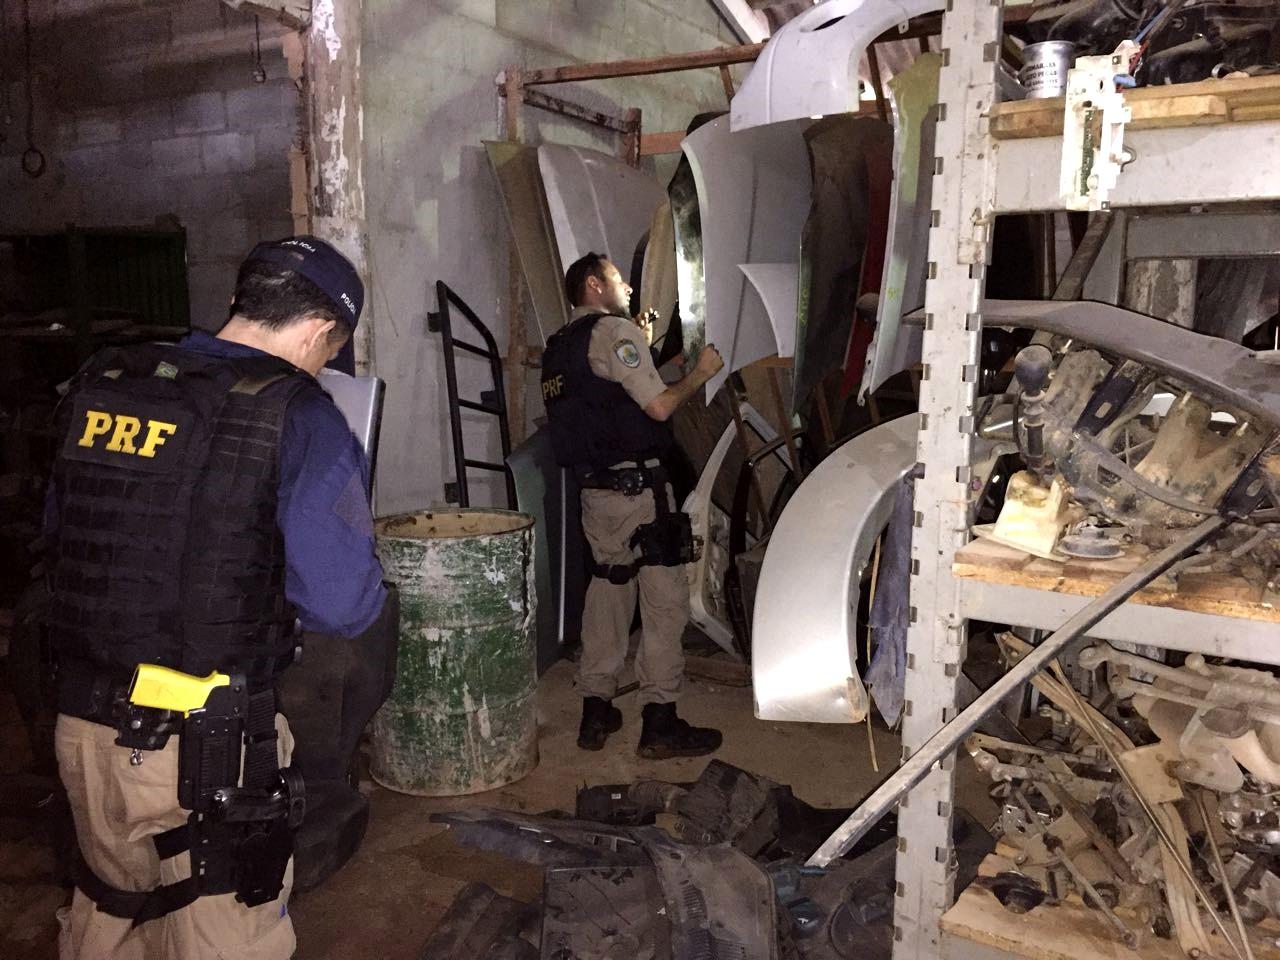 Segunda fase da Operação Calhambeque cumpre sete mandados de prisão no Sul de MG  - Radio Evangelho Gospel